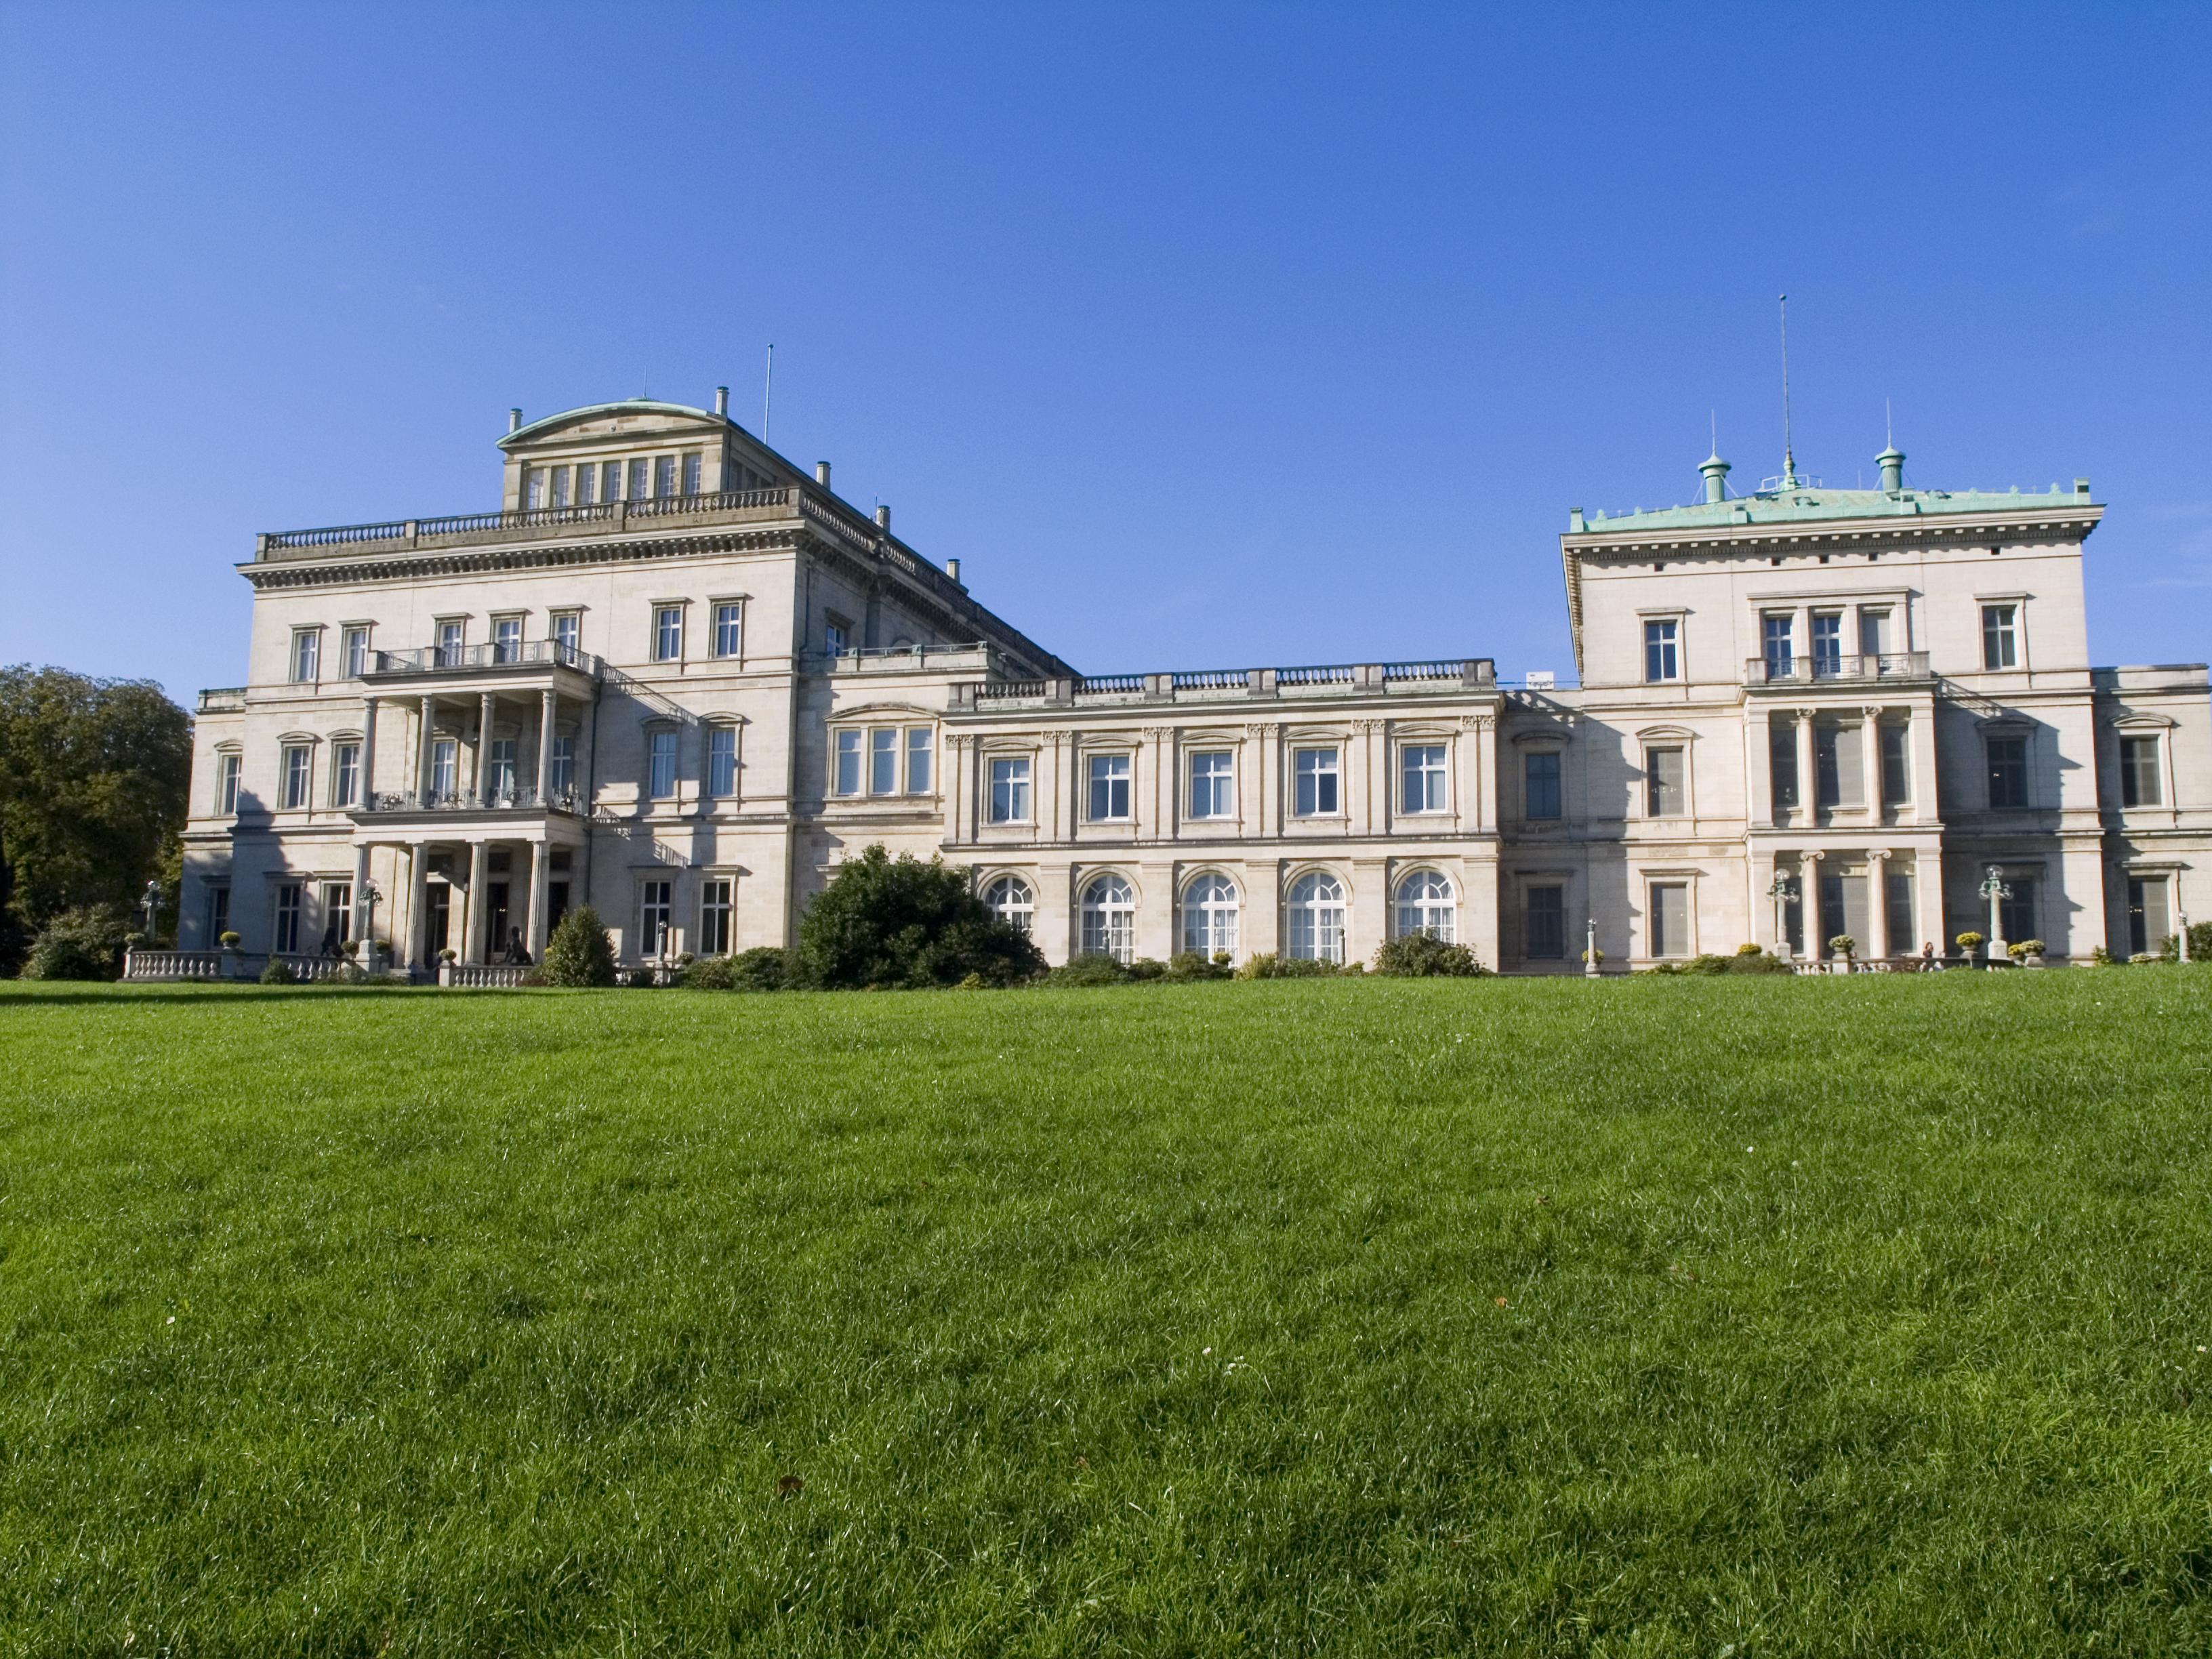 Villa Hugel Essen Germany Foto Bugil Bokep 2017